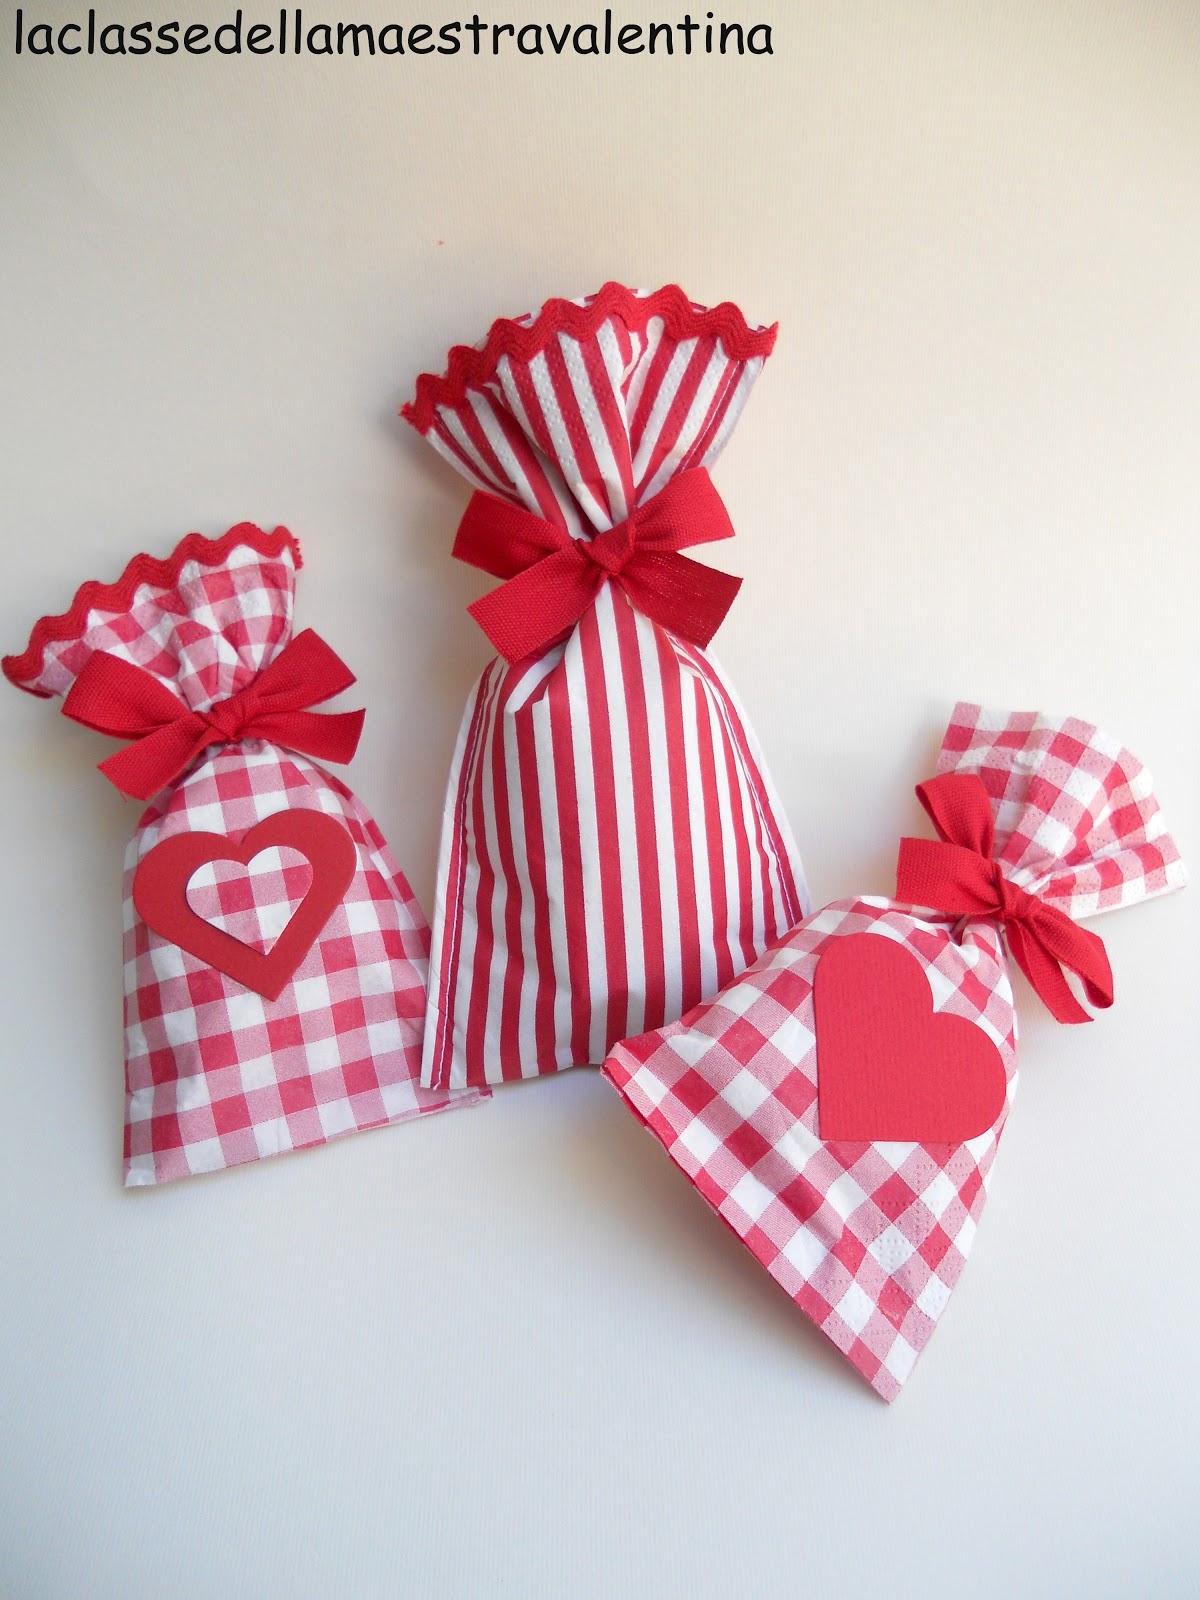 La classe della maestra valentina sacchettini bianchi e rossi for Maestra gemma recite di natale